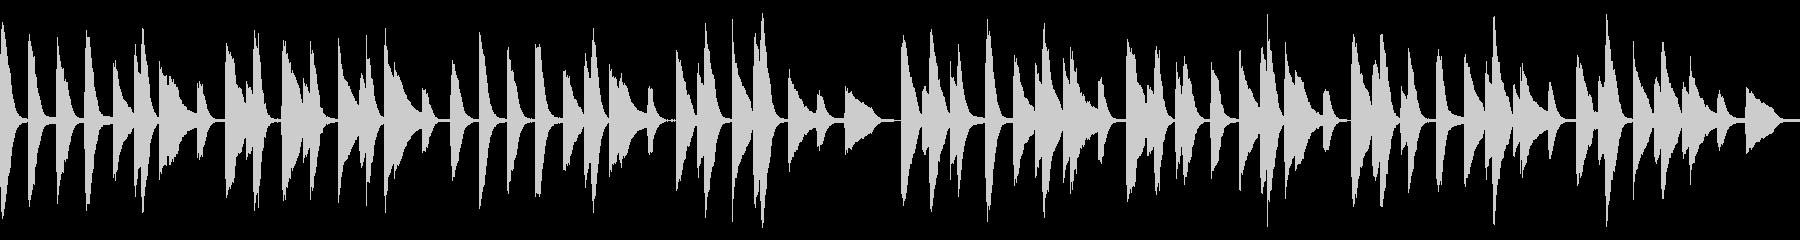 ループ可 ほのぼの料理・犬・散歩・日常の未再生の波形